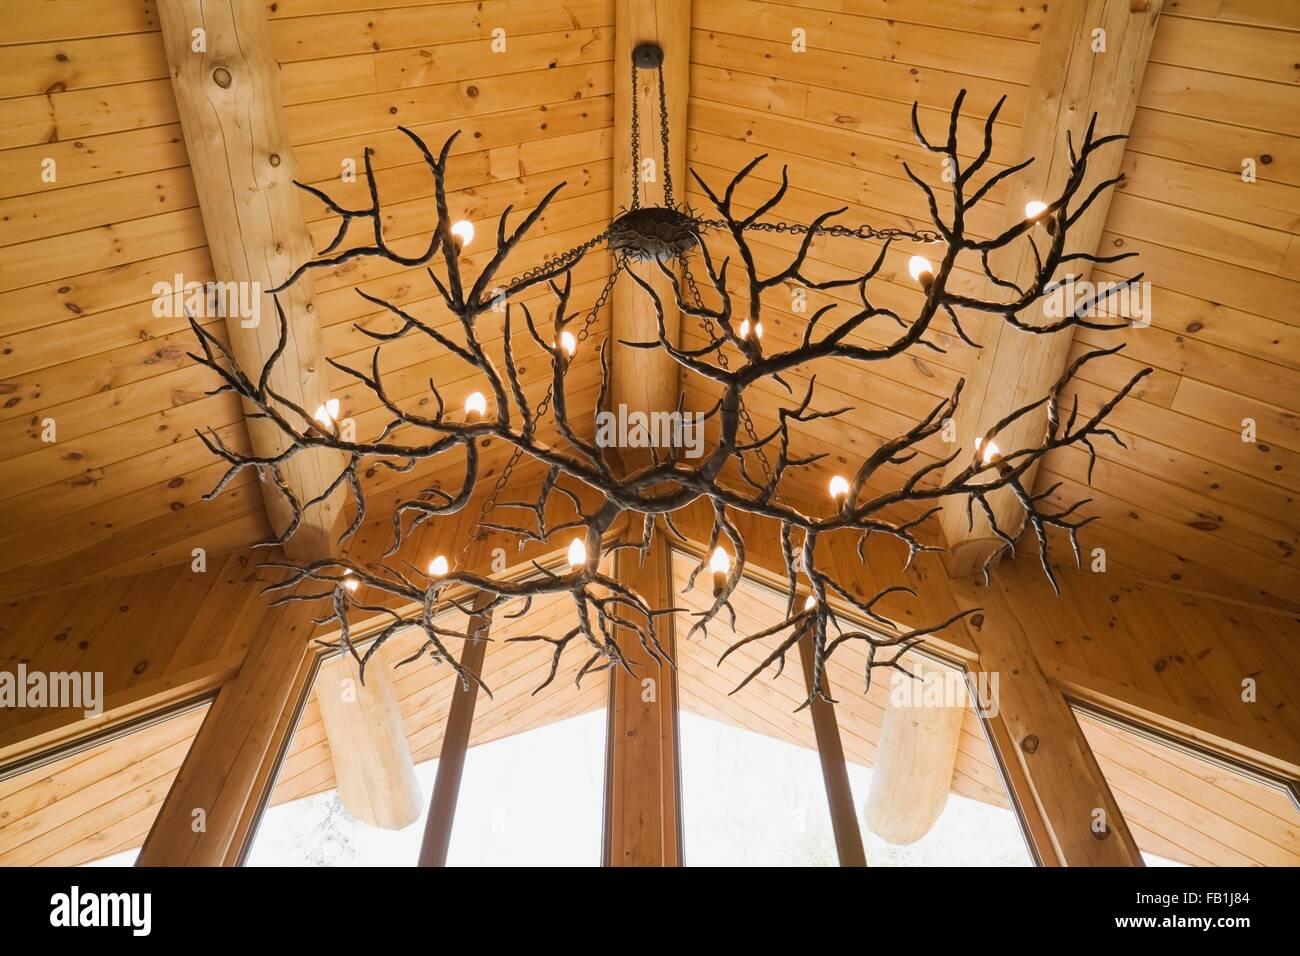 Kronleuchter Geweih ~ Geweih kronleuchter hängen von eastern white pine gewölbte decke